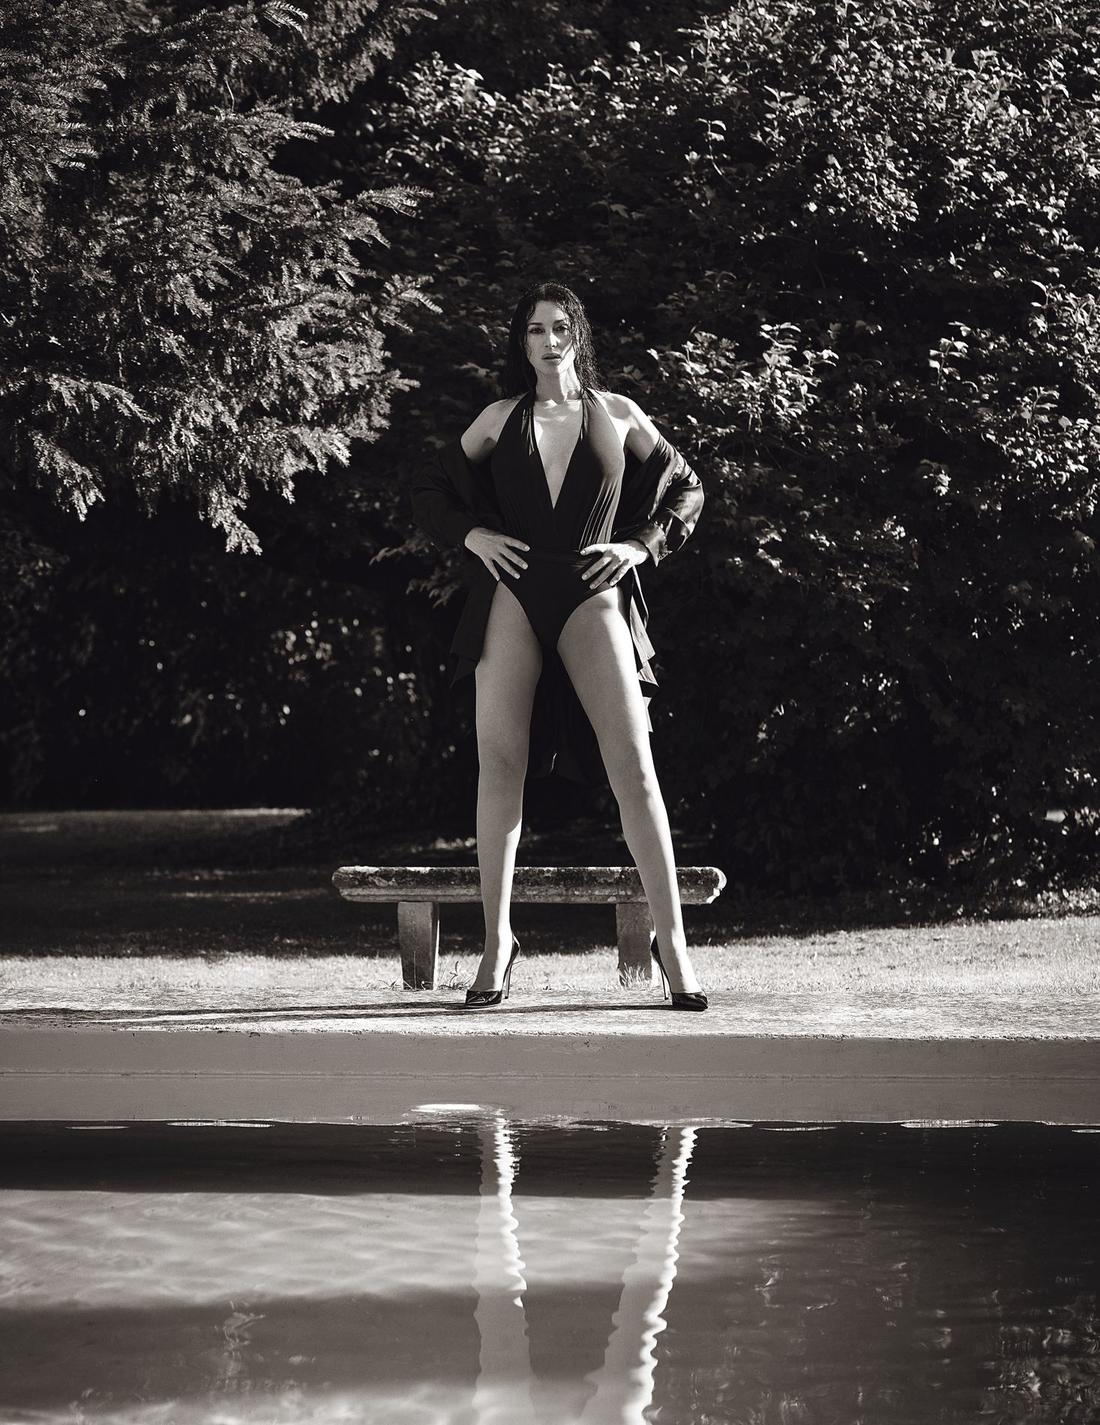 Вечно молодая: Моника Беллуччи покорила Сеть новой съемкой для глянца (ФОТО) - фото №4